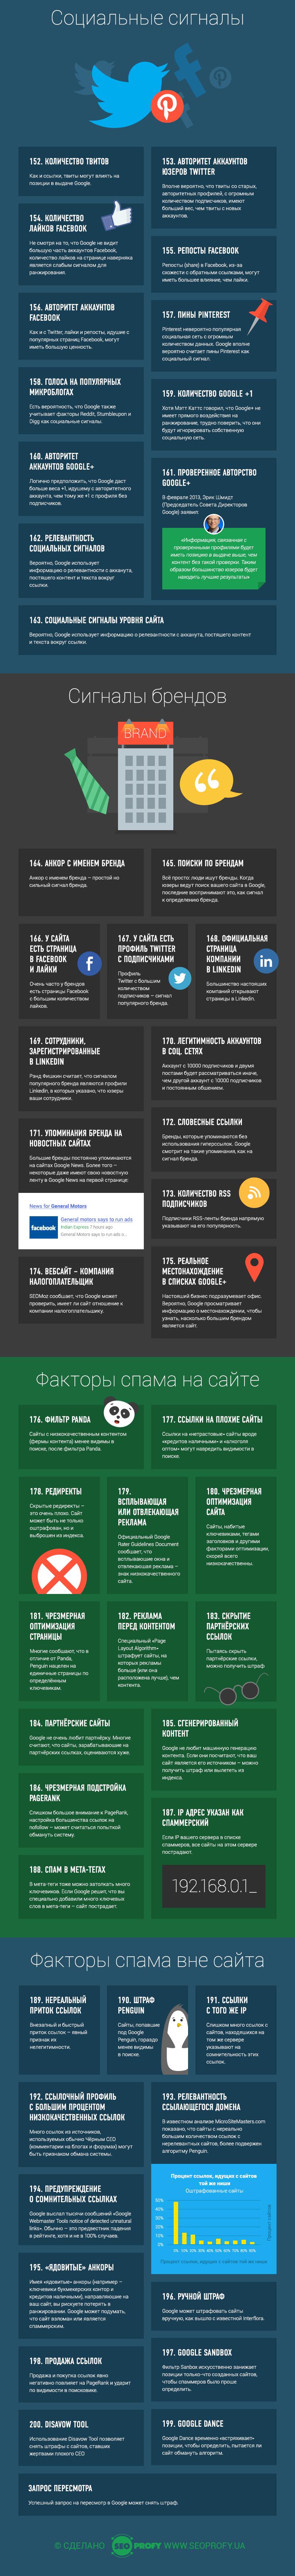 Социальные сигналы, брендирование и спам влияющий на продвижение сайта в Гугл